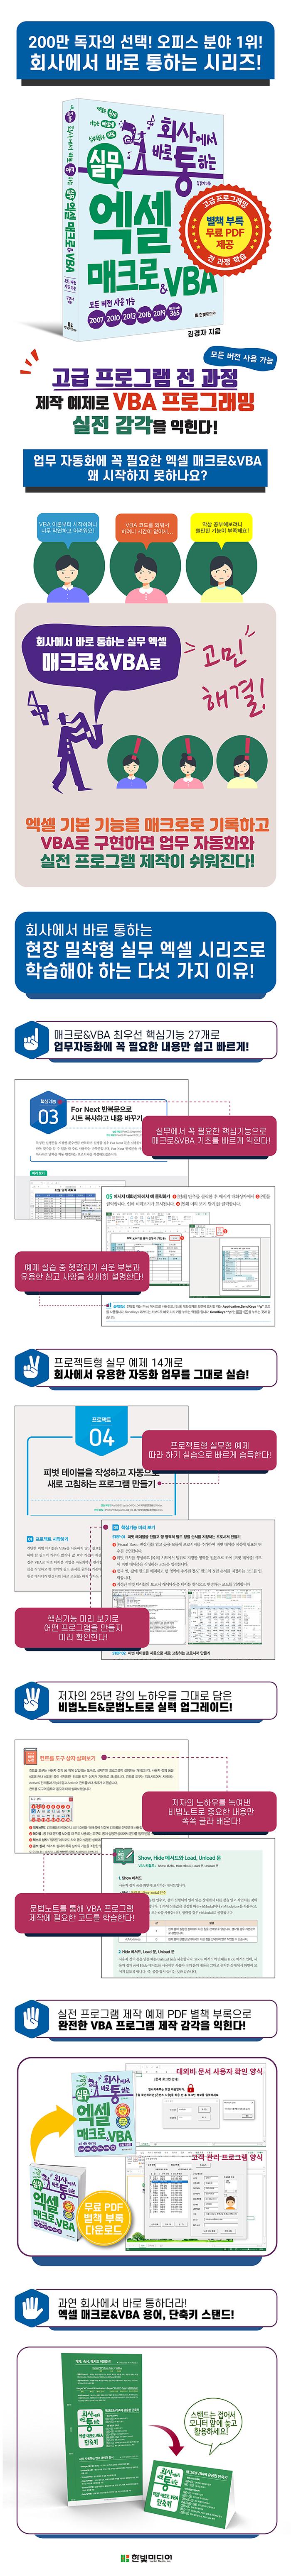 [상세페이지]회사에서 바로 통하는 실무 엑셀 매크로&VBA 상세 페이지_700.jpg